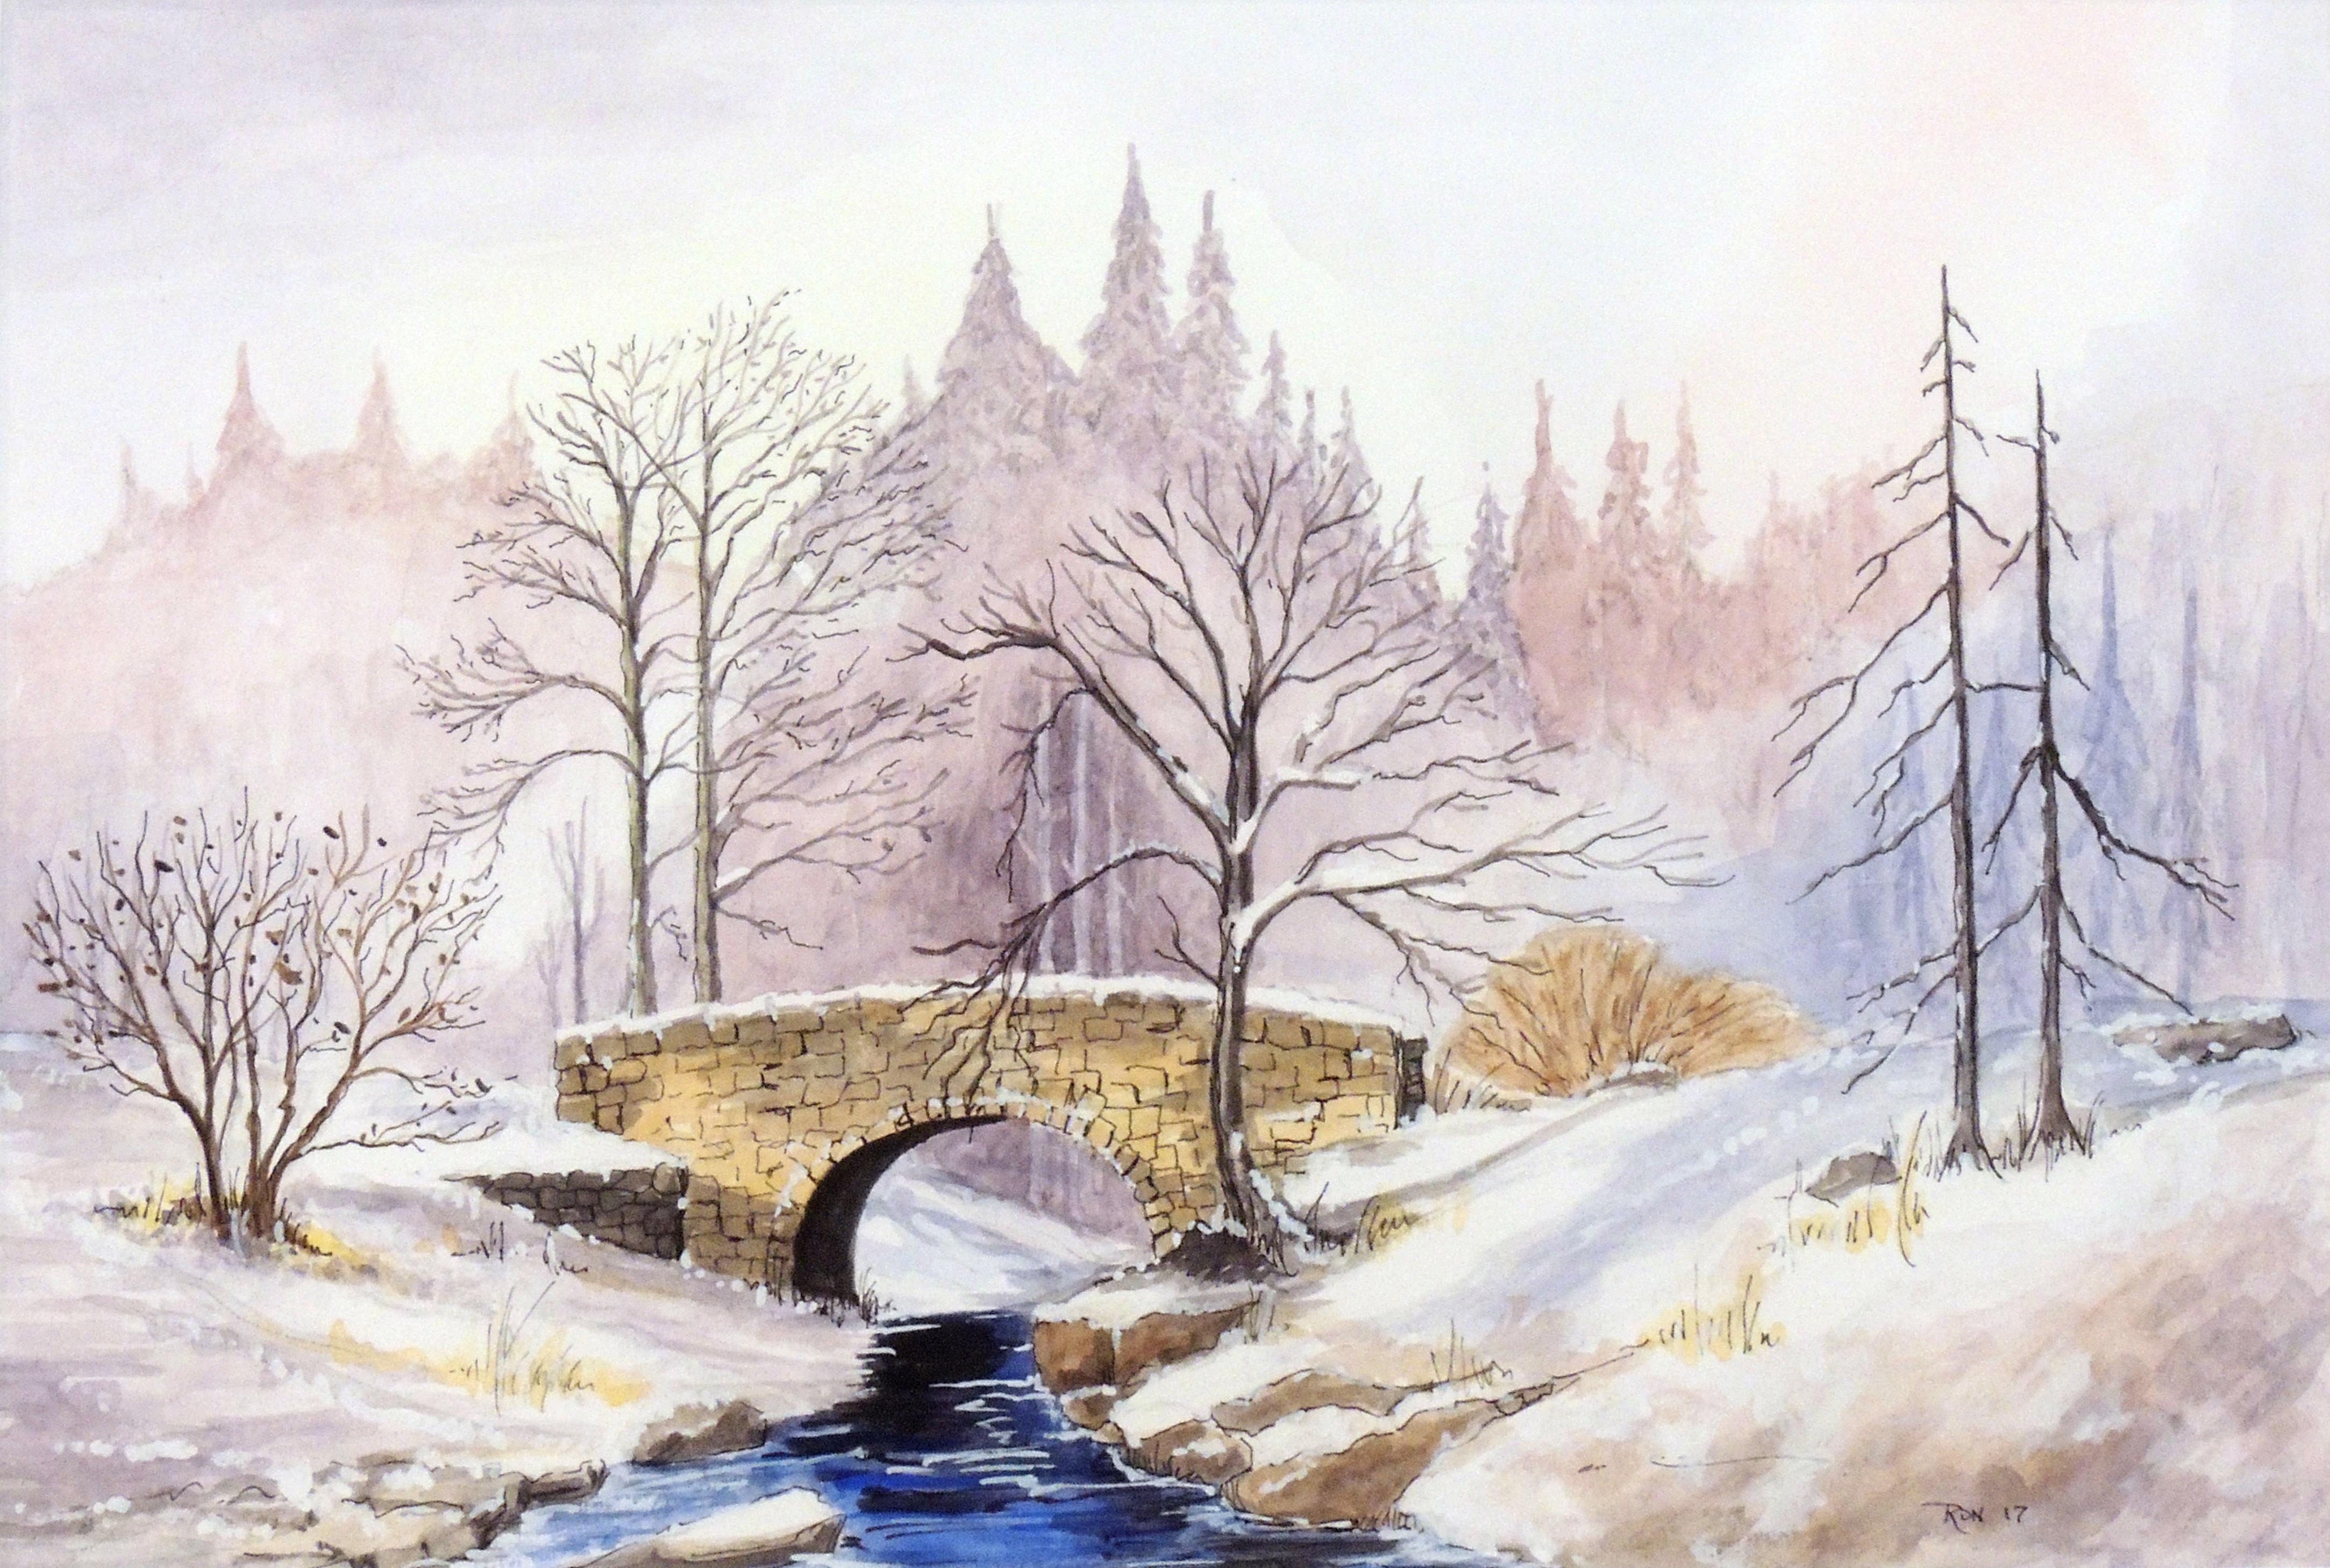 Ronald Deere | STONE BRIDGE IN WINTER | Watercolor & pen